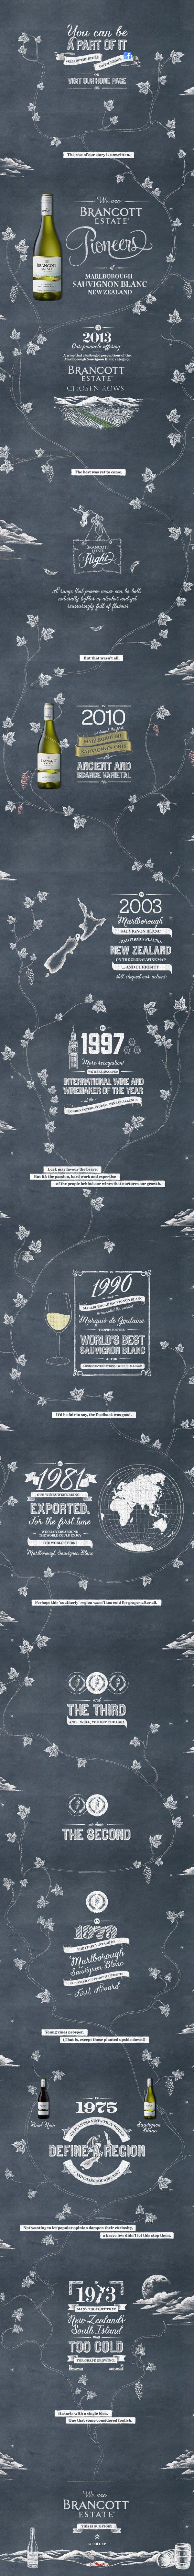 Unique Web Design, Brancott Estate Pioneers via @and1h #WebDesign #Design